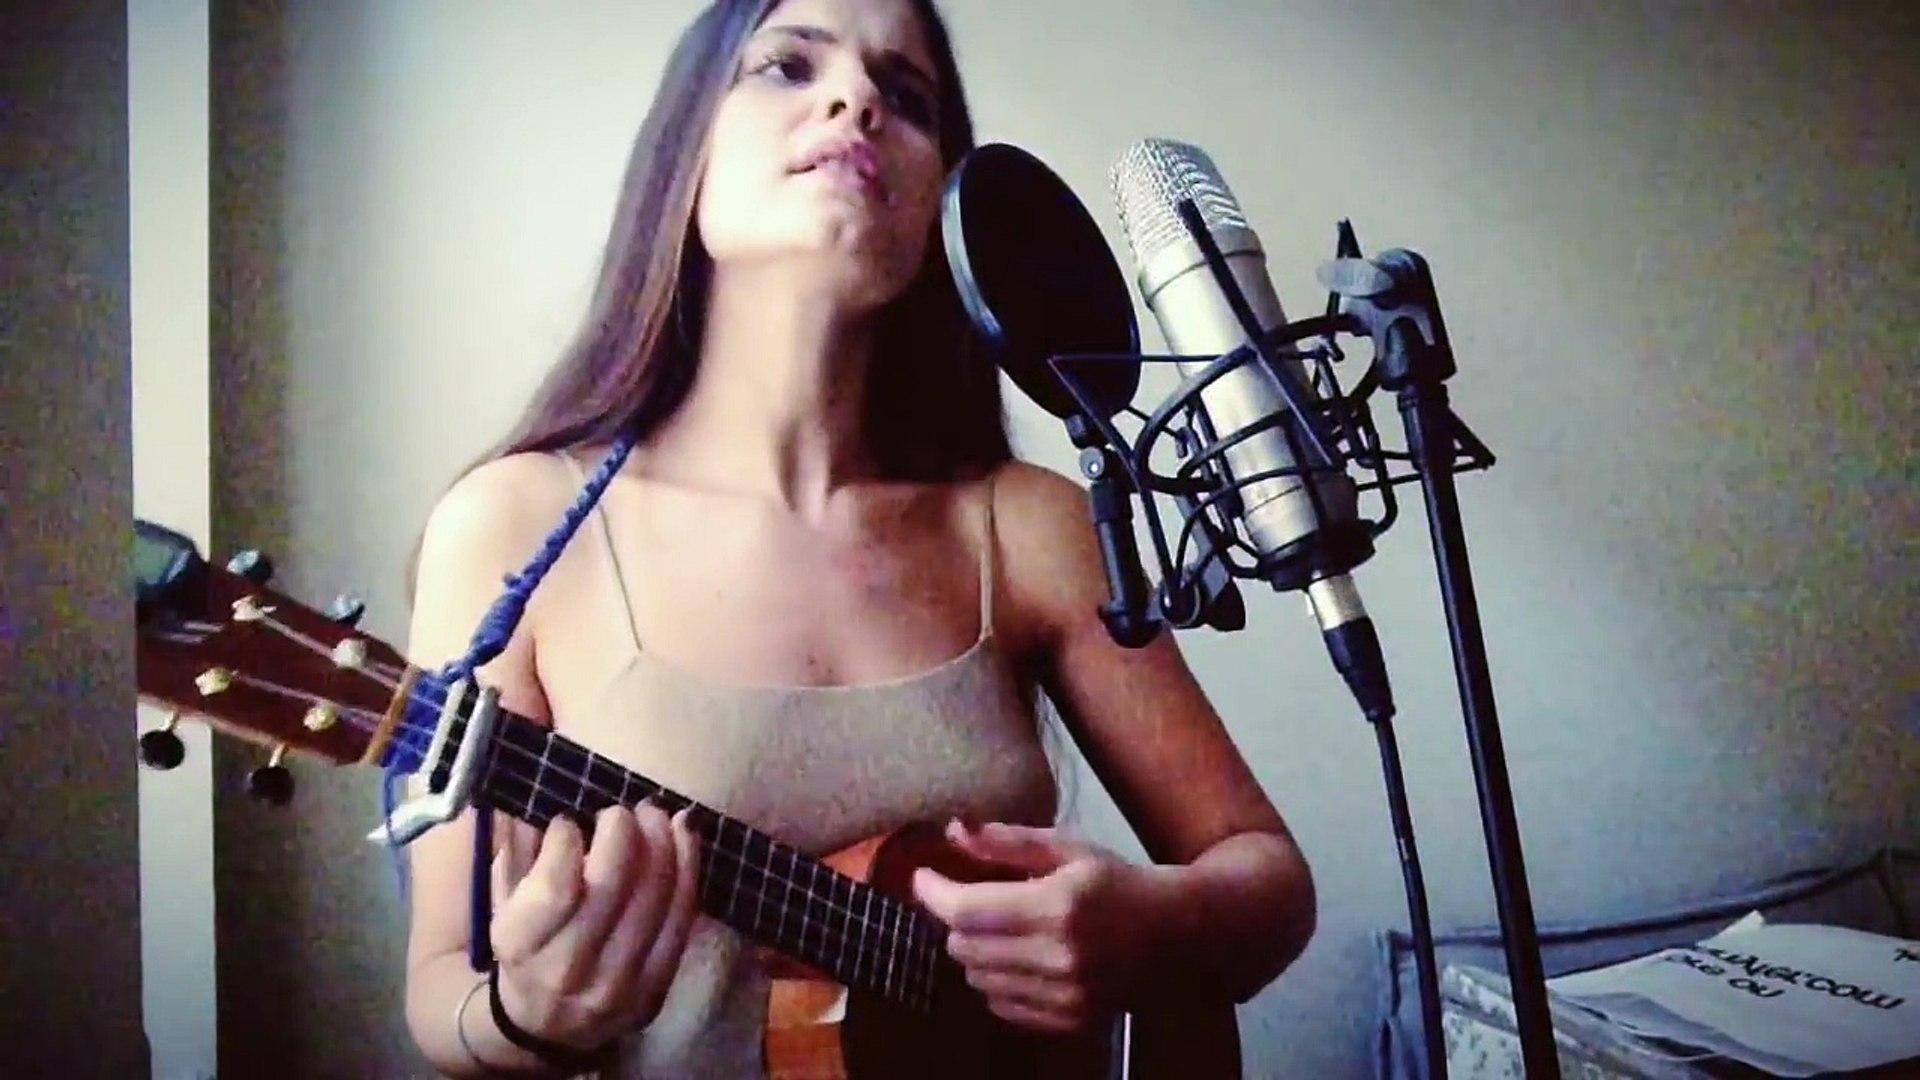 Violetta Zironi - Covers The Devil's Train, Hank Williams